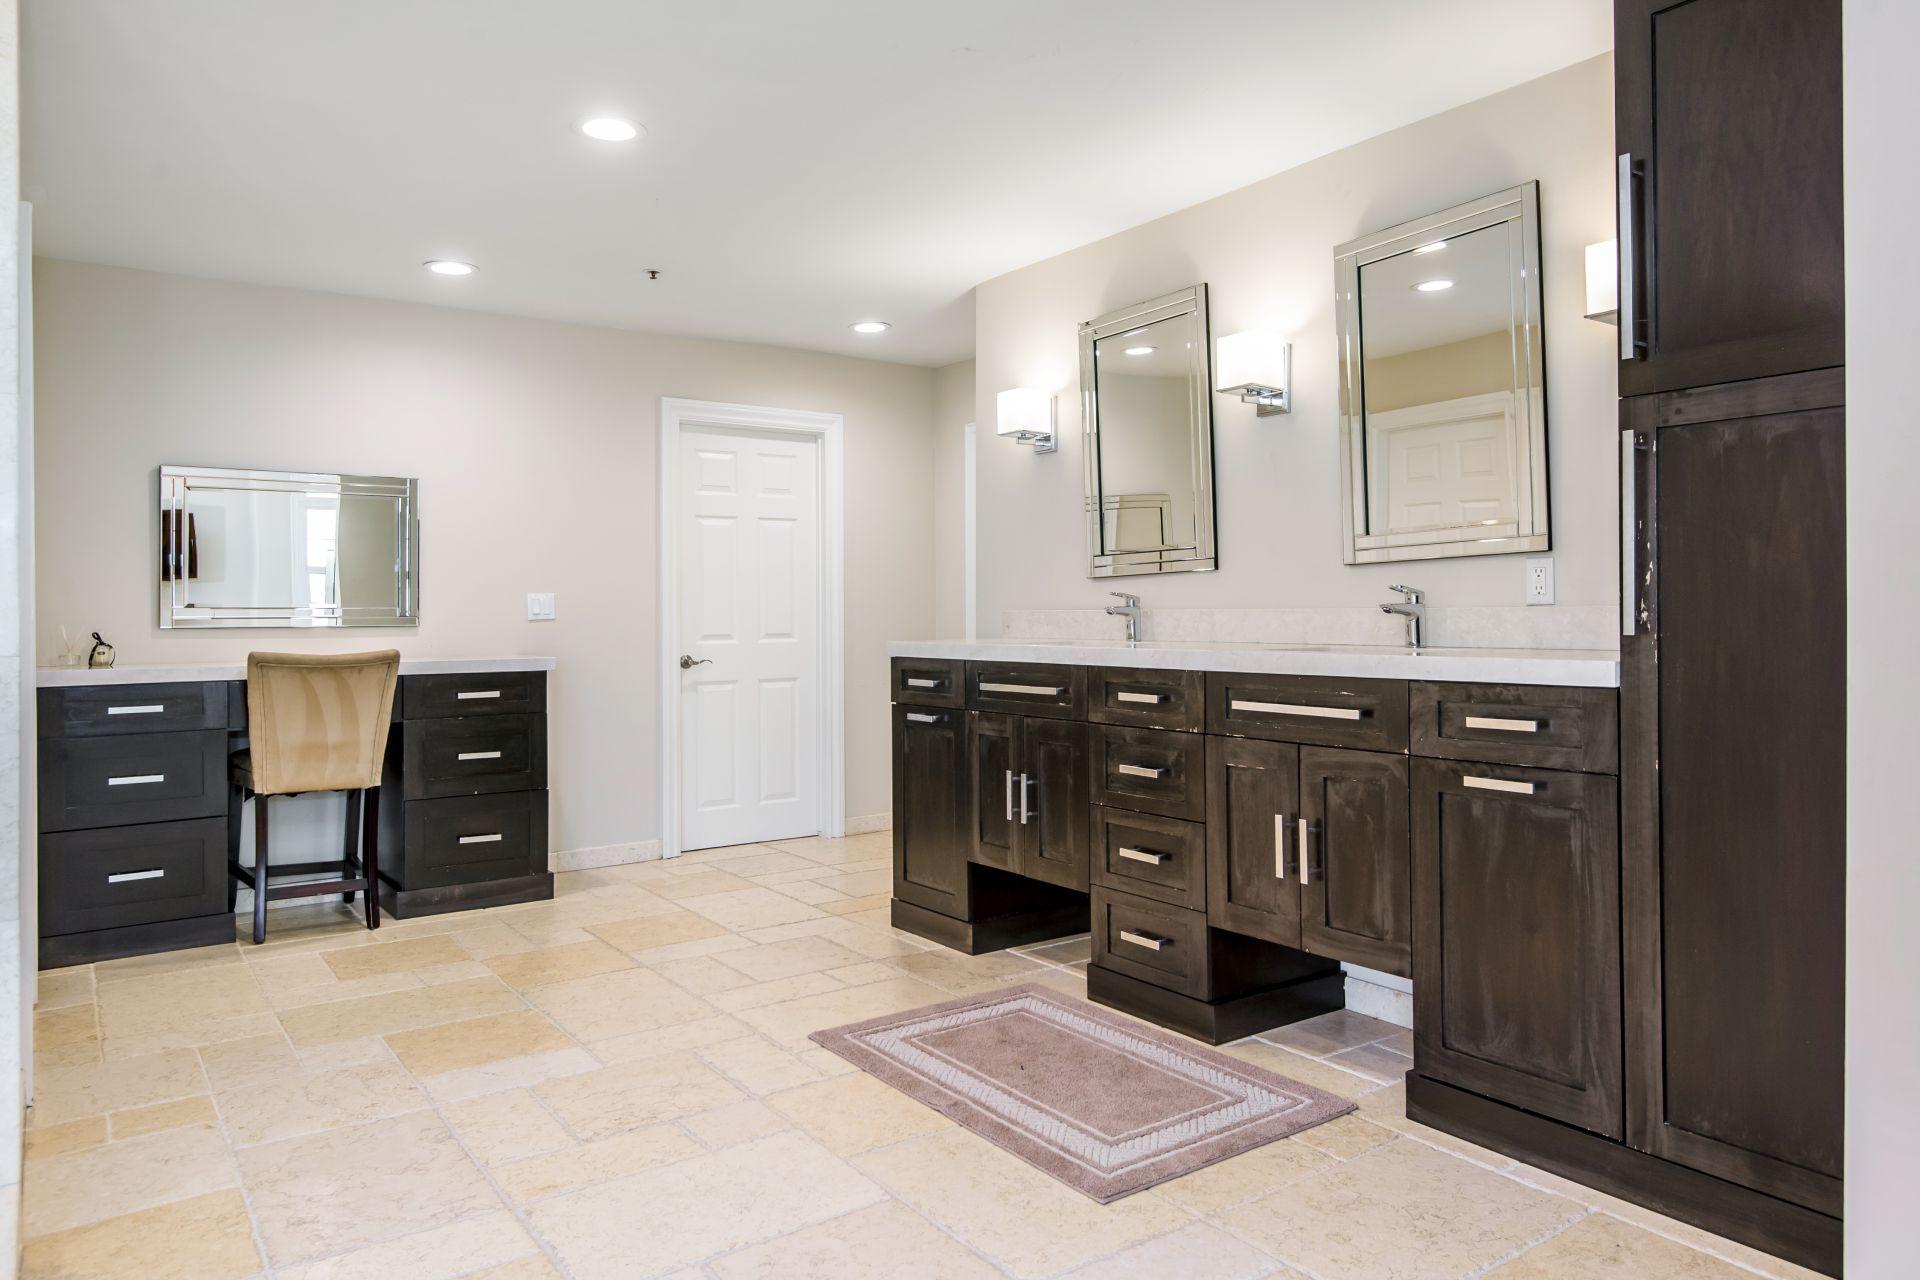 Rumah Shaquille O'Neal Dijual Rp35,2 Miliar